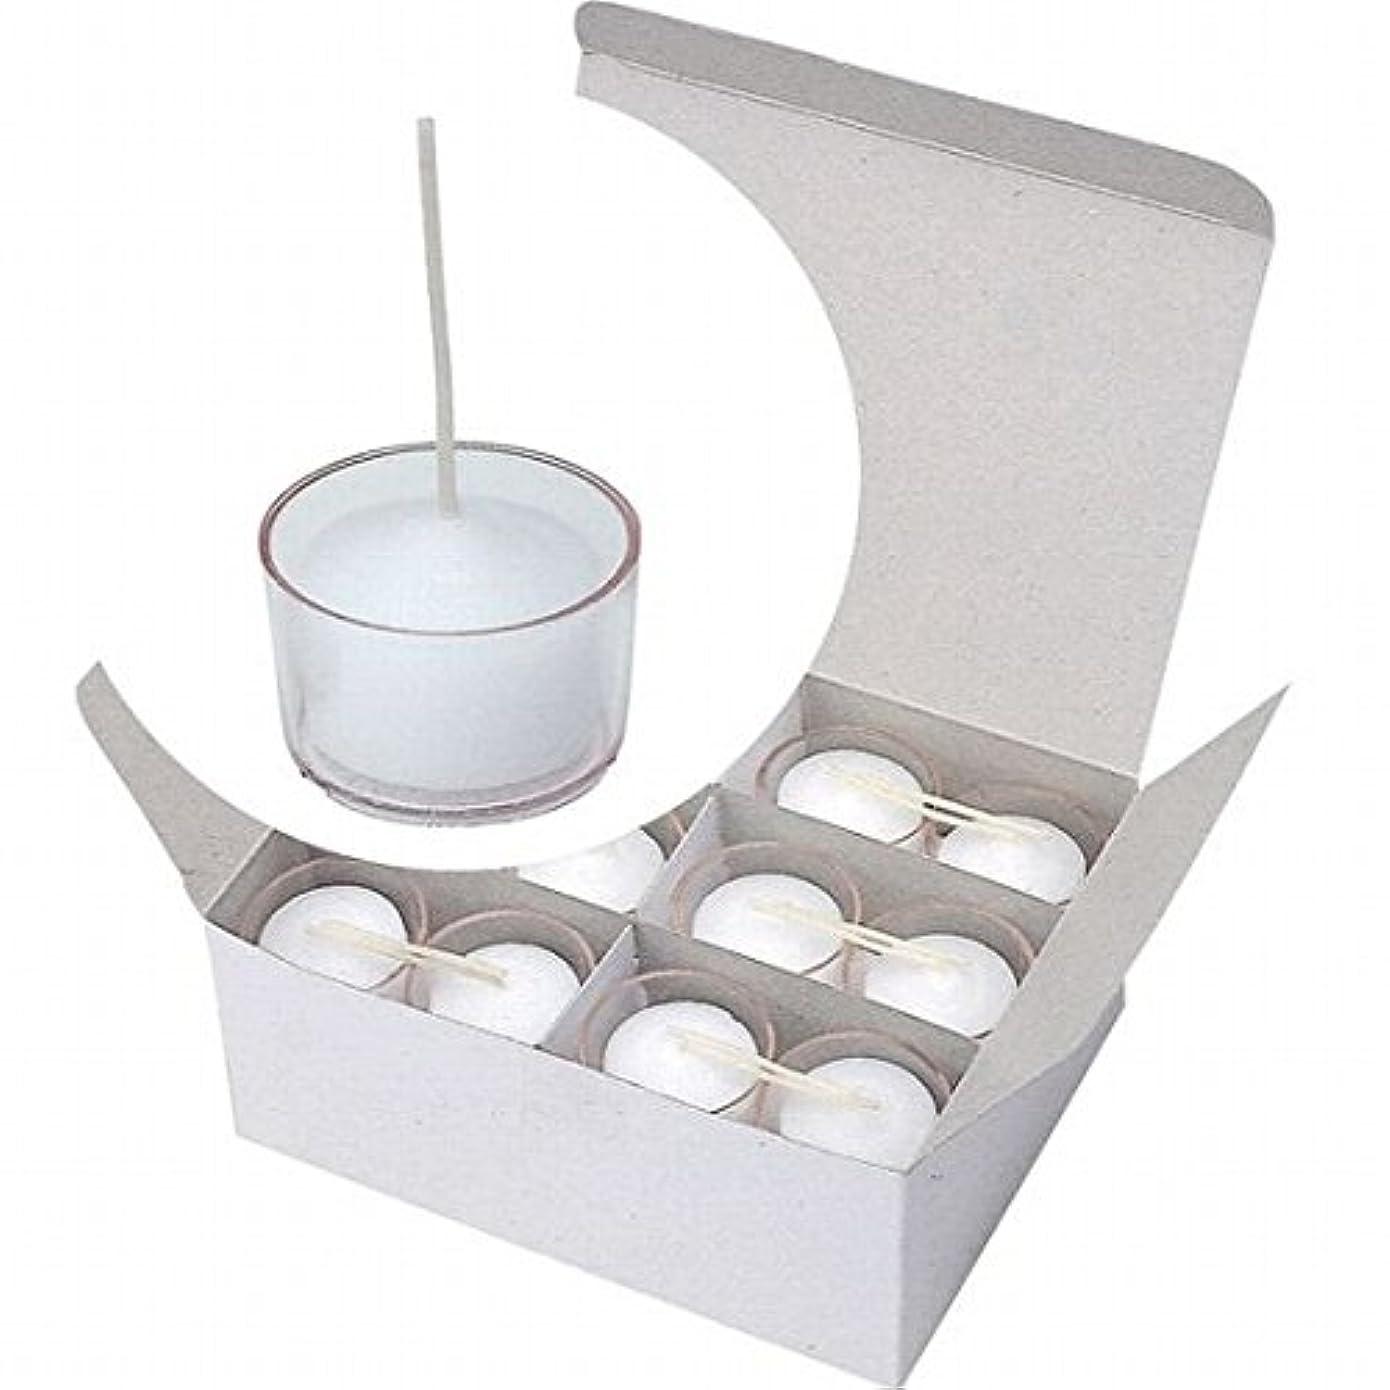 物理粘性の放散するヤンキーキャンドル(YANKEE CANDLE) クリアカップボーティブロングウィック4時間タイプ 24個入り